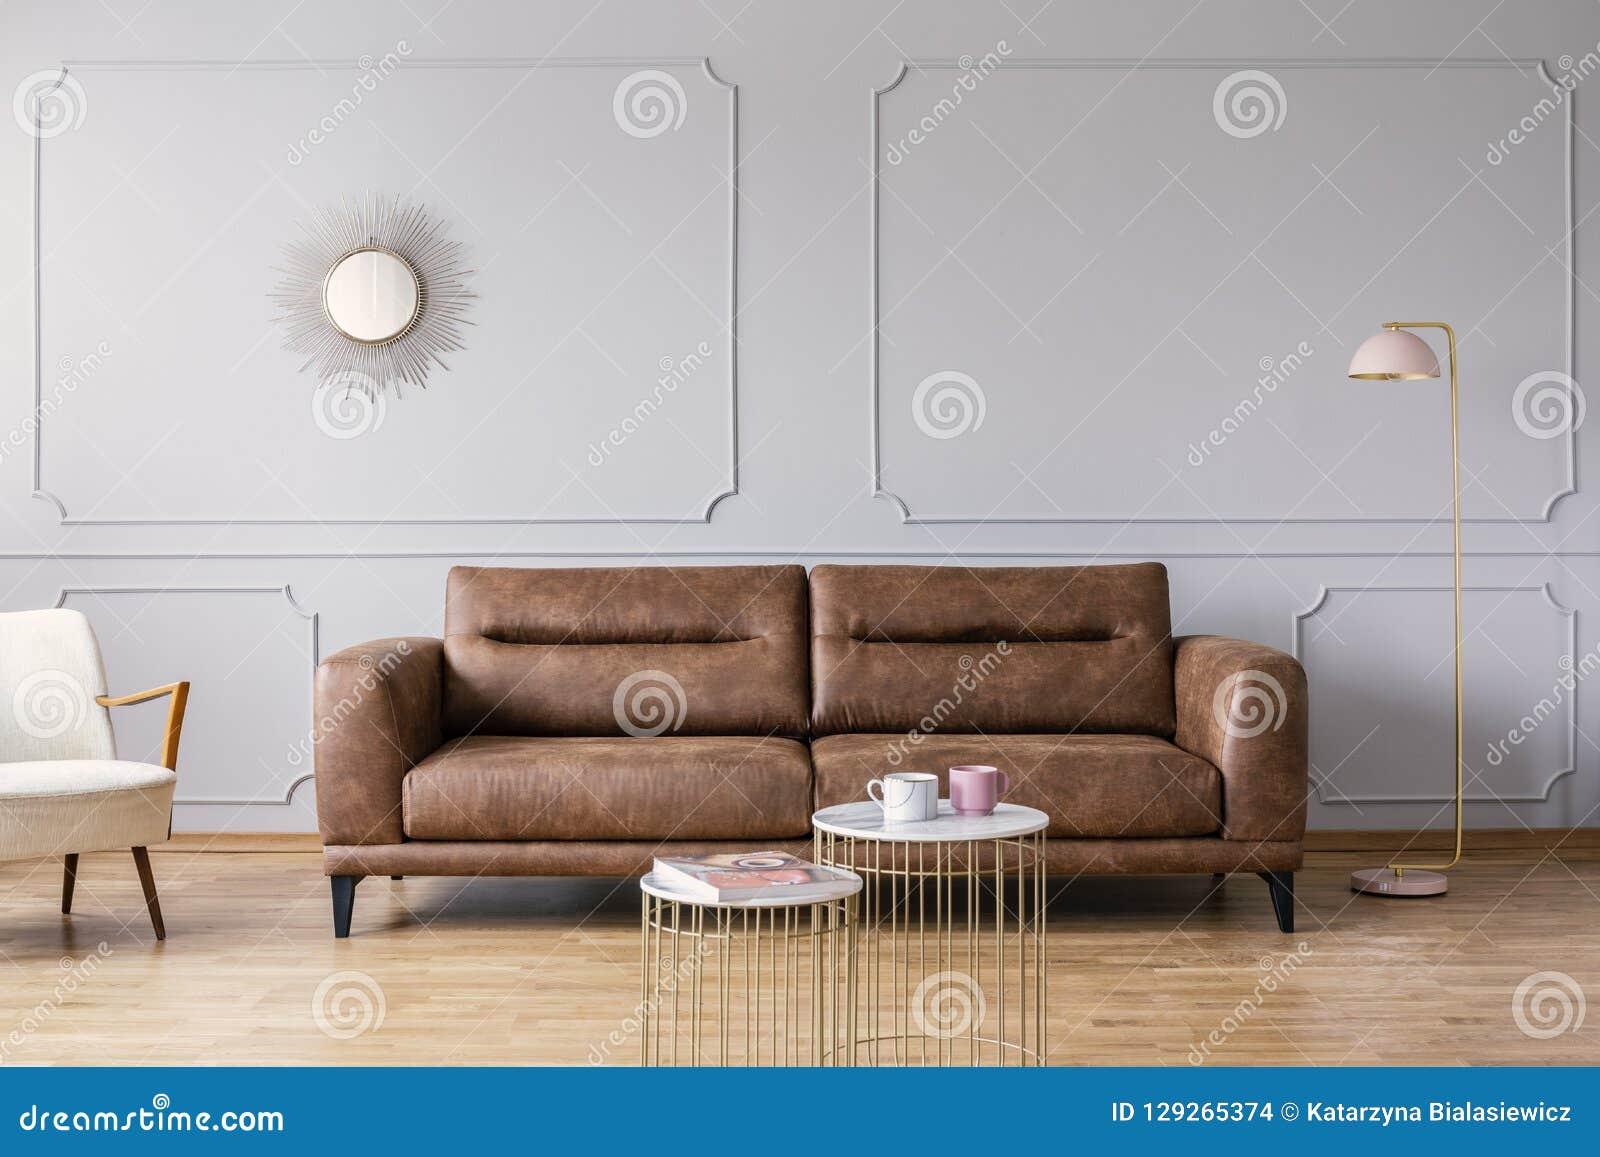 Tabelas do ouro na frente do sofá de couro no interior elegante cinzento da sala de visitas com espelho e lâmpada